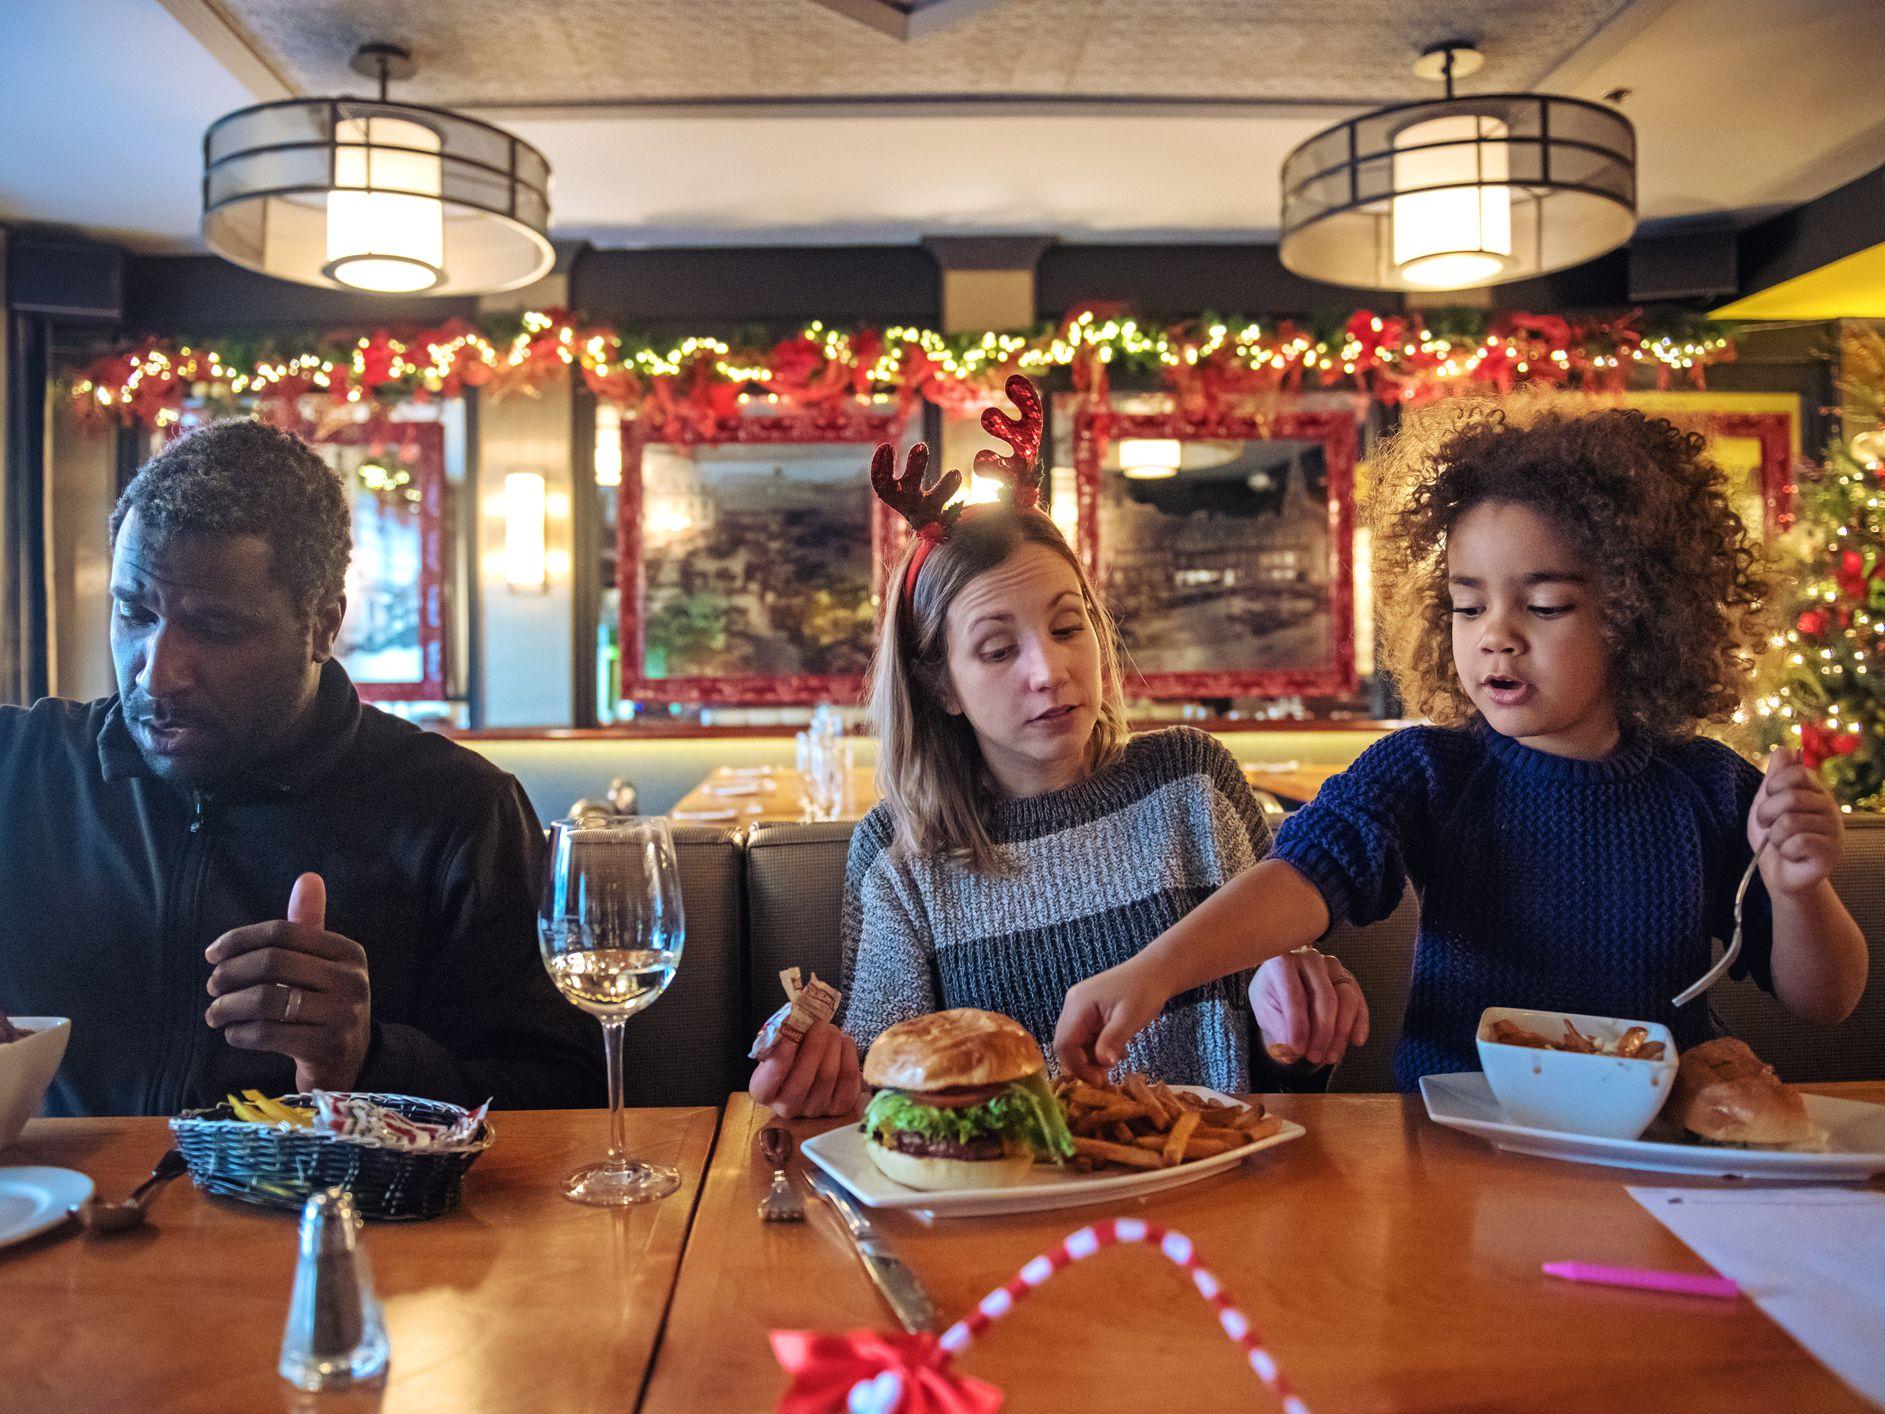 Benton Restaurants Open On Christmas Day 2020 List of Restaurants Are Open on Christmas Day 2020